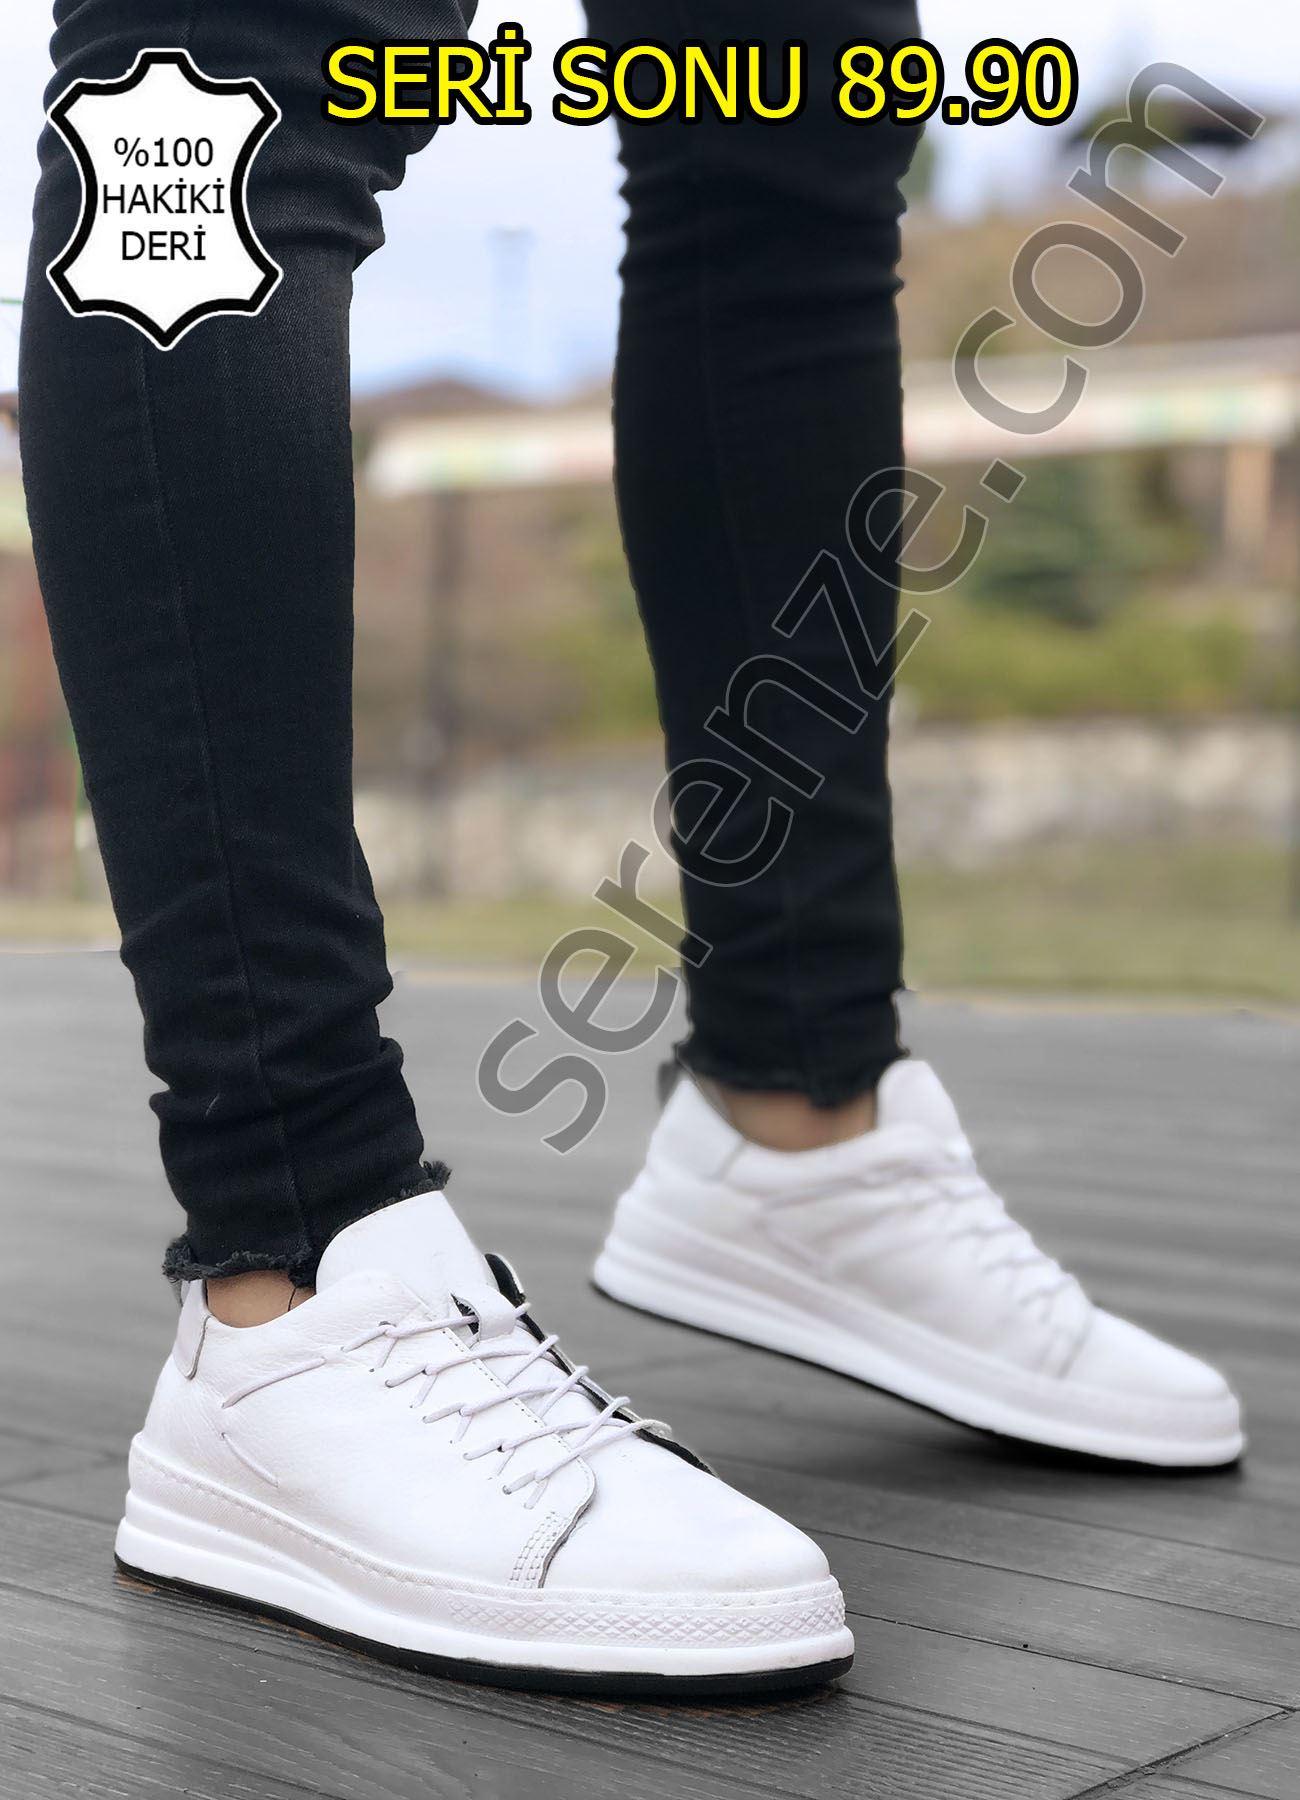 Hakiki Deri İpli Beyaz Erkek Spor Ayakkabı